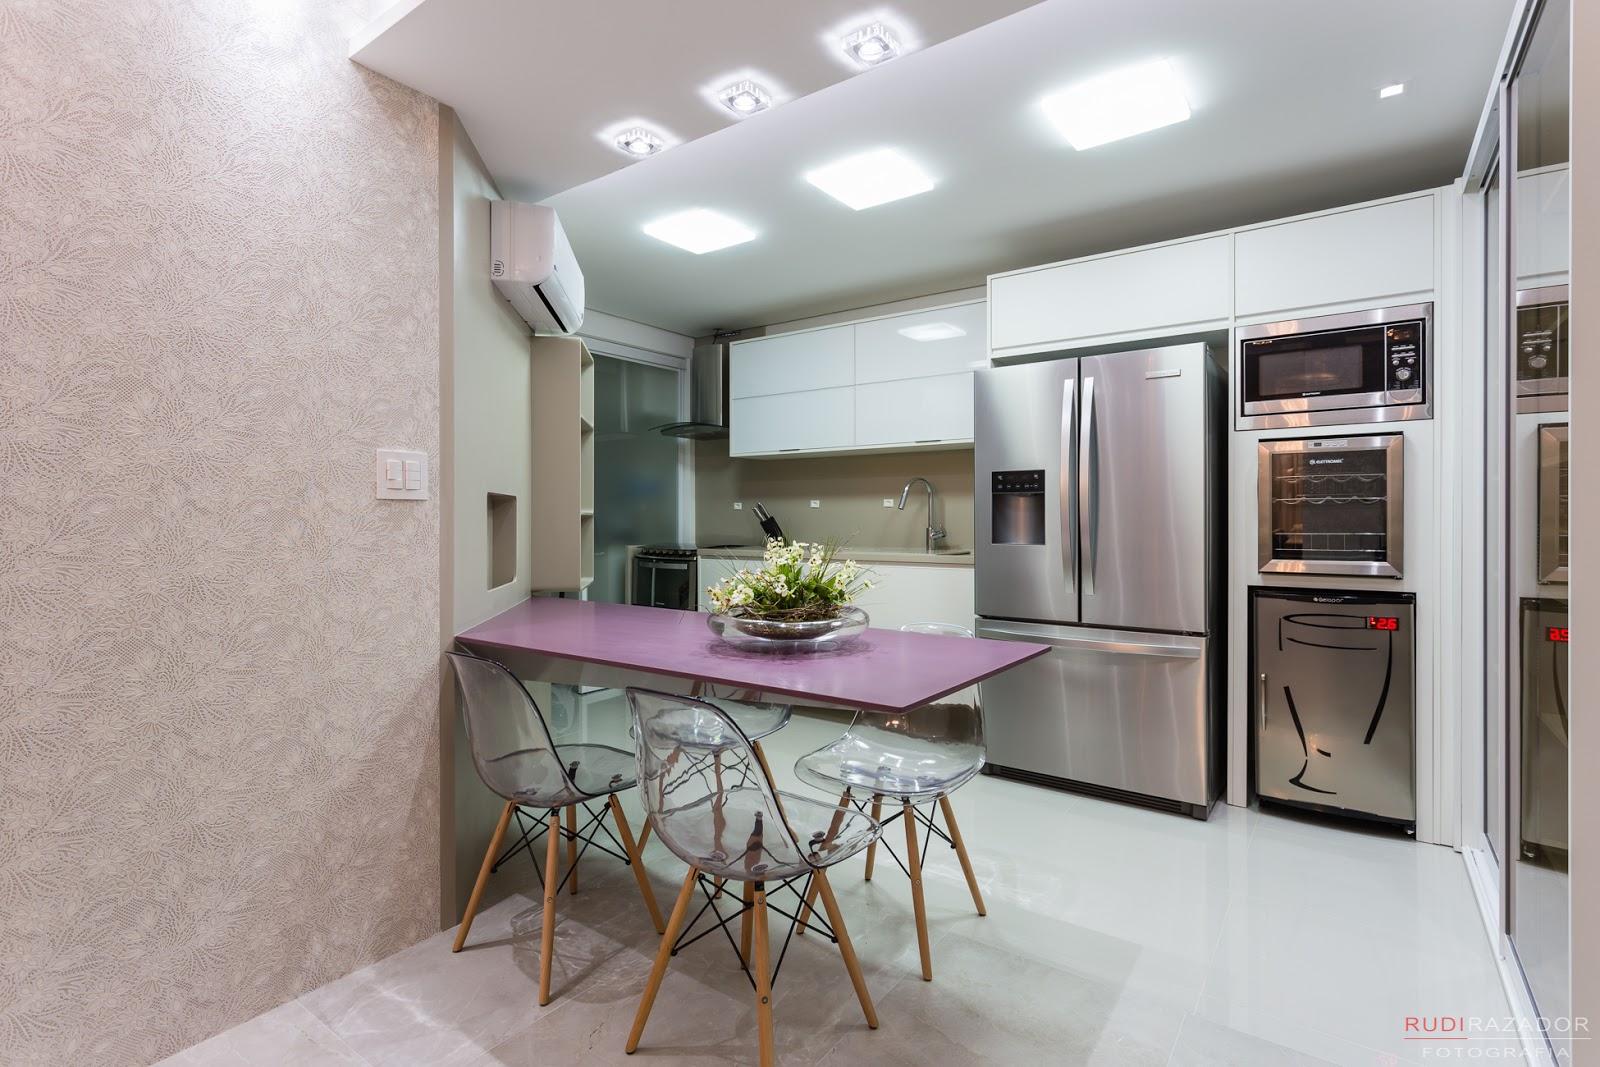 Cozinhas com paredes irregulares veja modelos e dicas de como  #5F4C3E 1600 1067